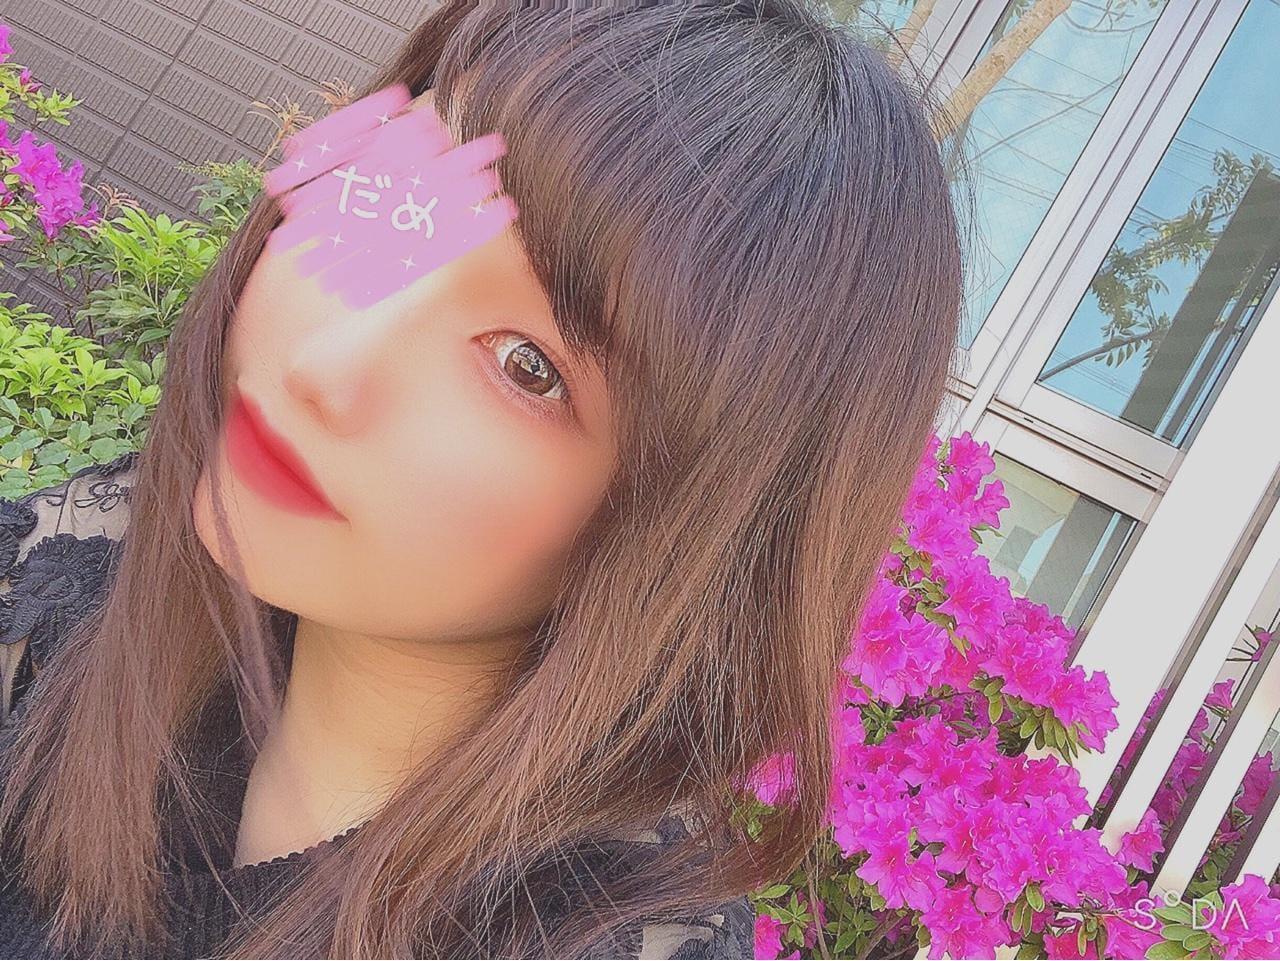 「お知らせです」06/01(月) 20:03 | しほの写メ・風俗動画